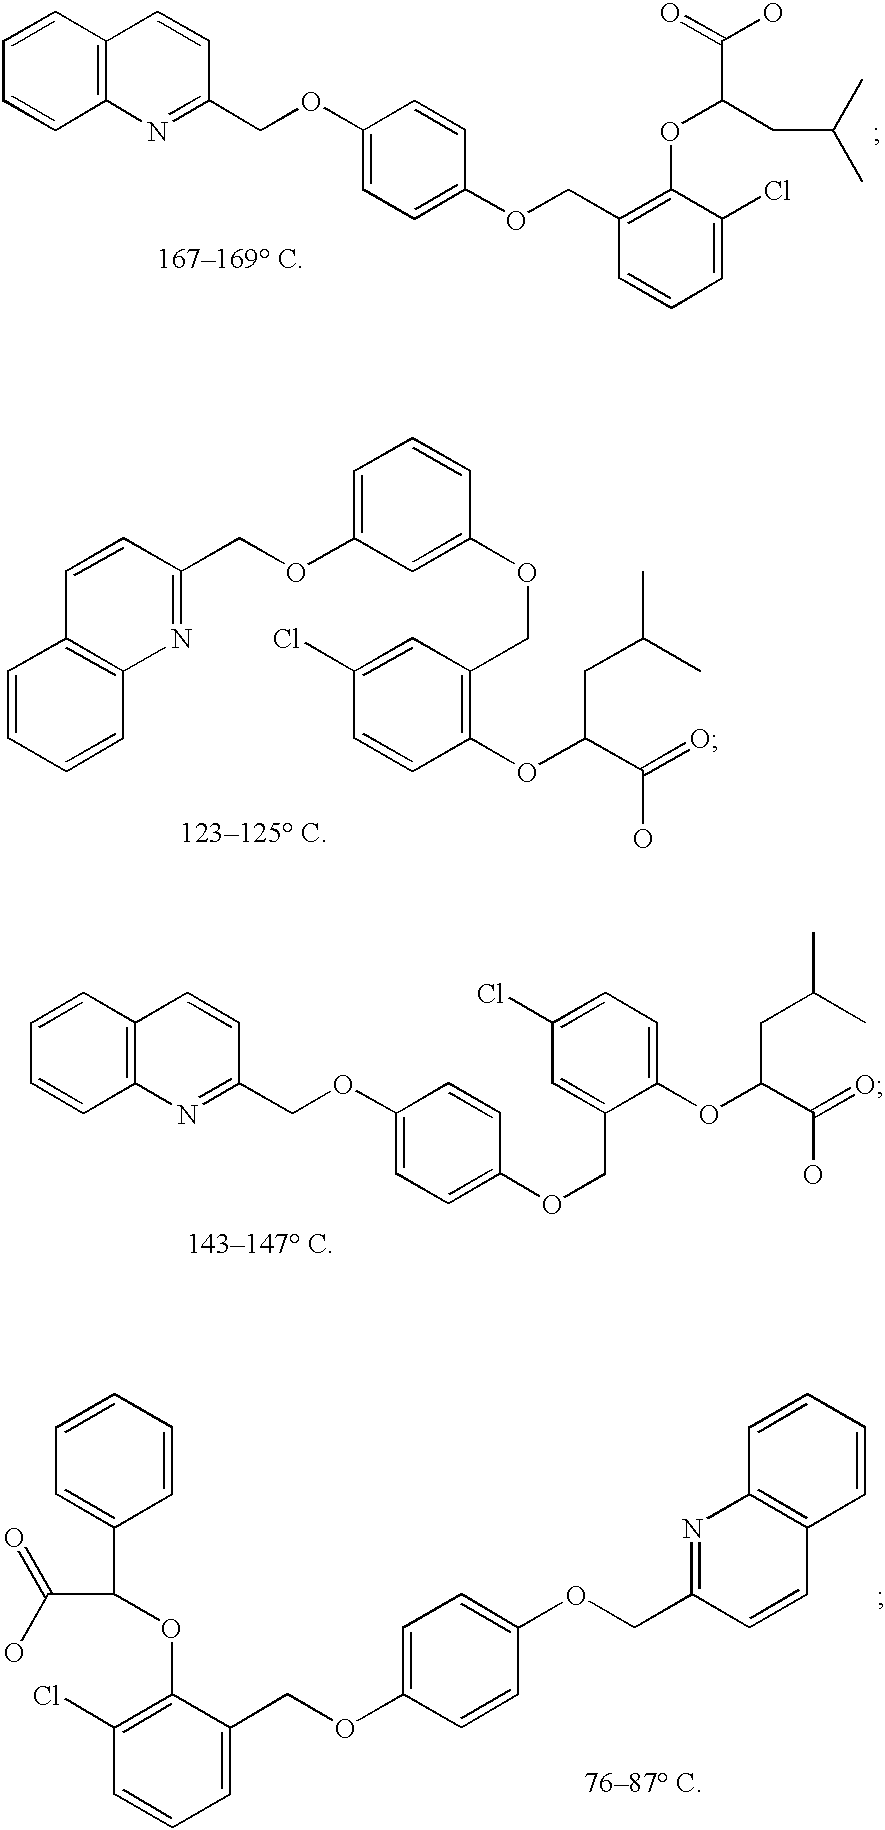 Figure US20030220373A1-20031127-C00310